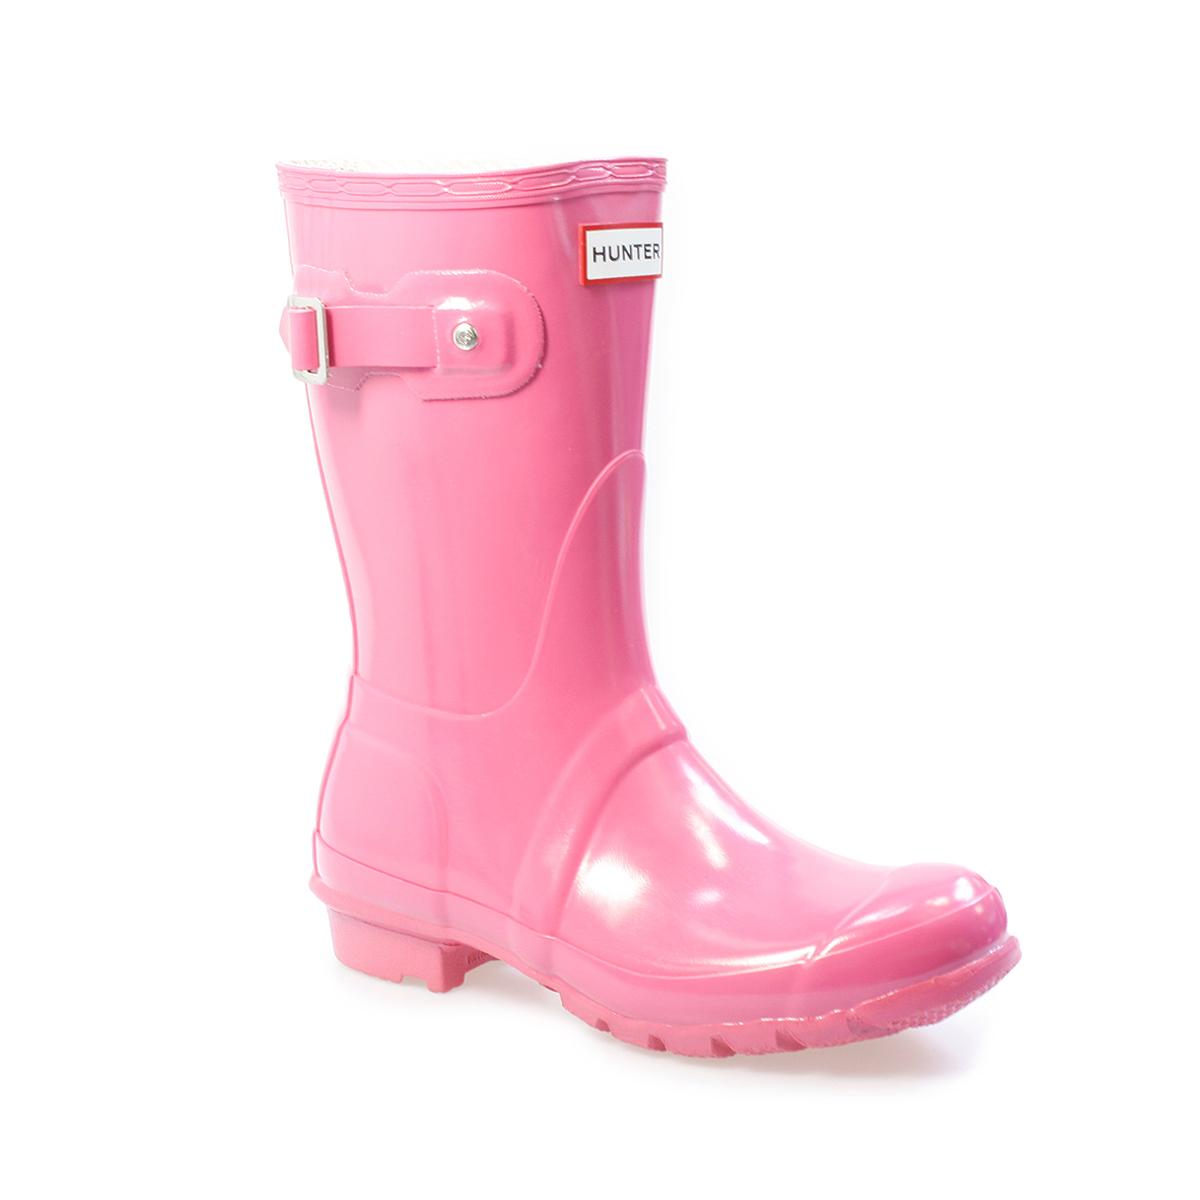 Hunter OG Short Fuchsia Wellington Boots wOMEN Size 3-12 | eBay